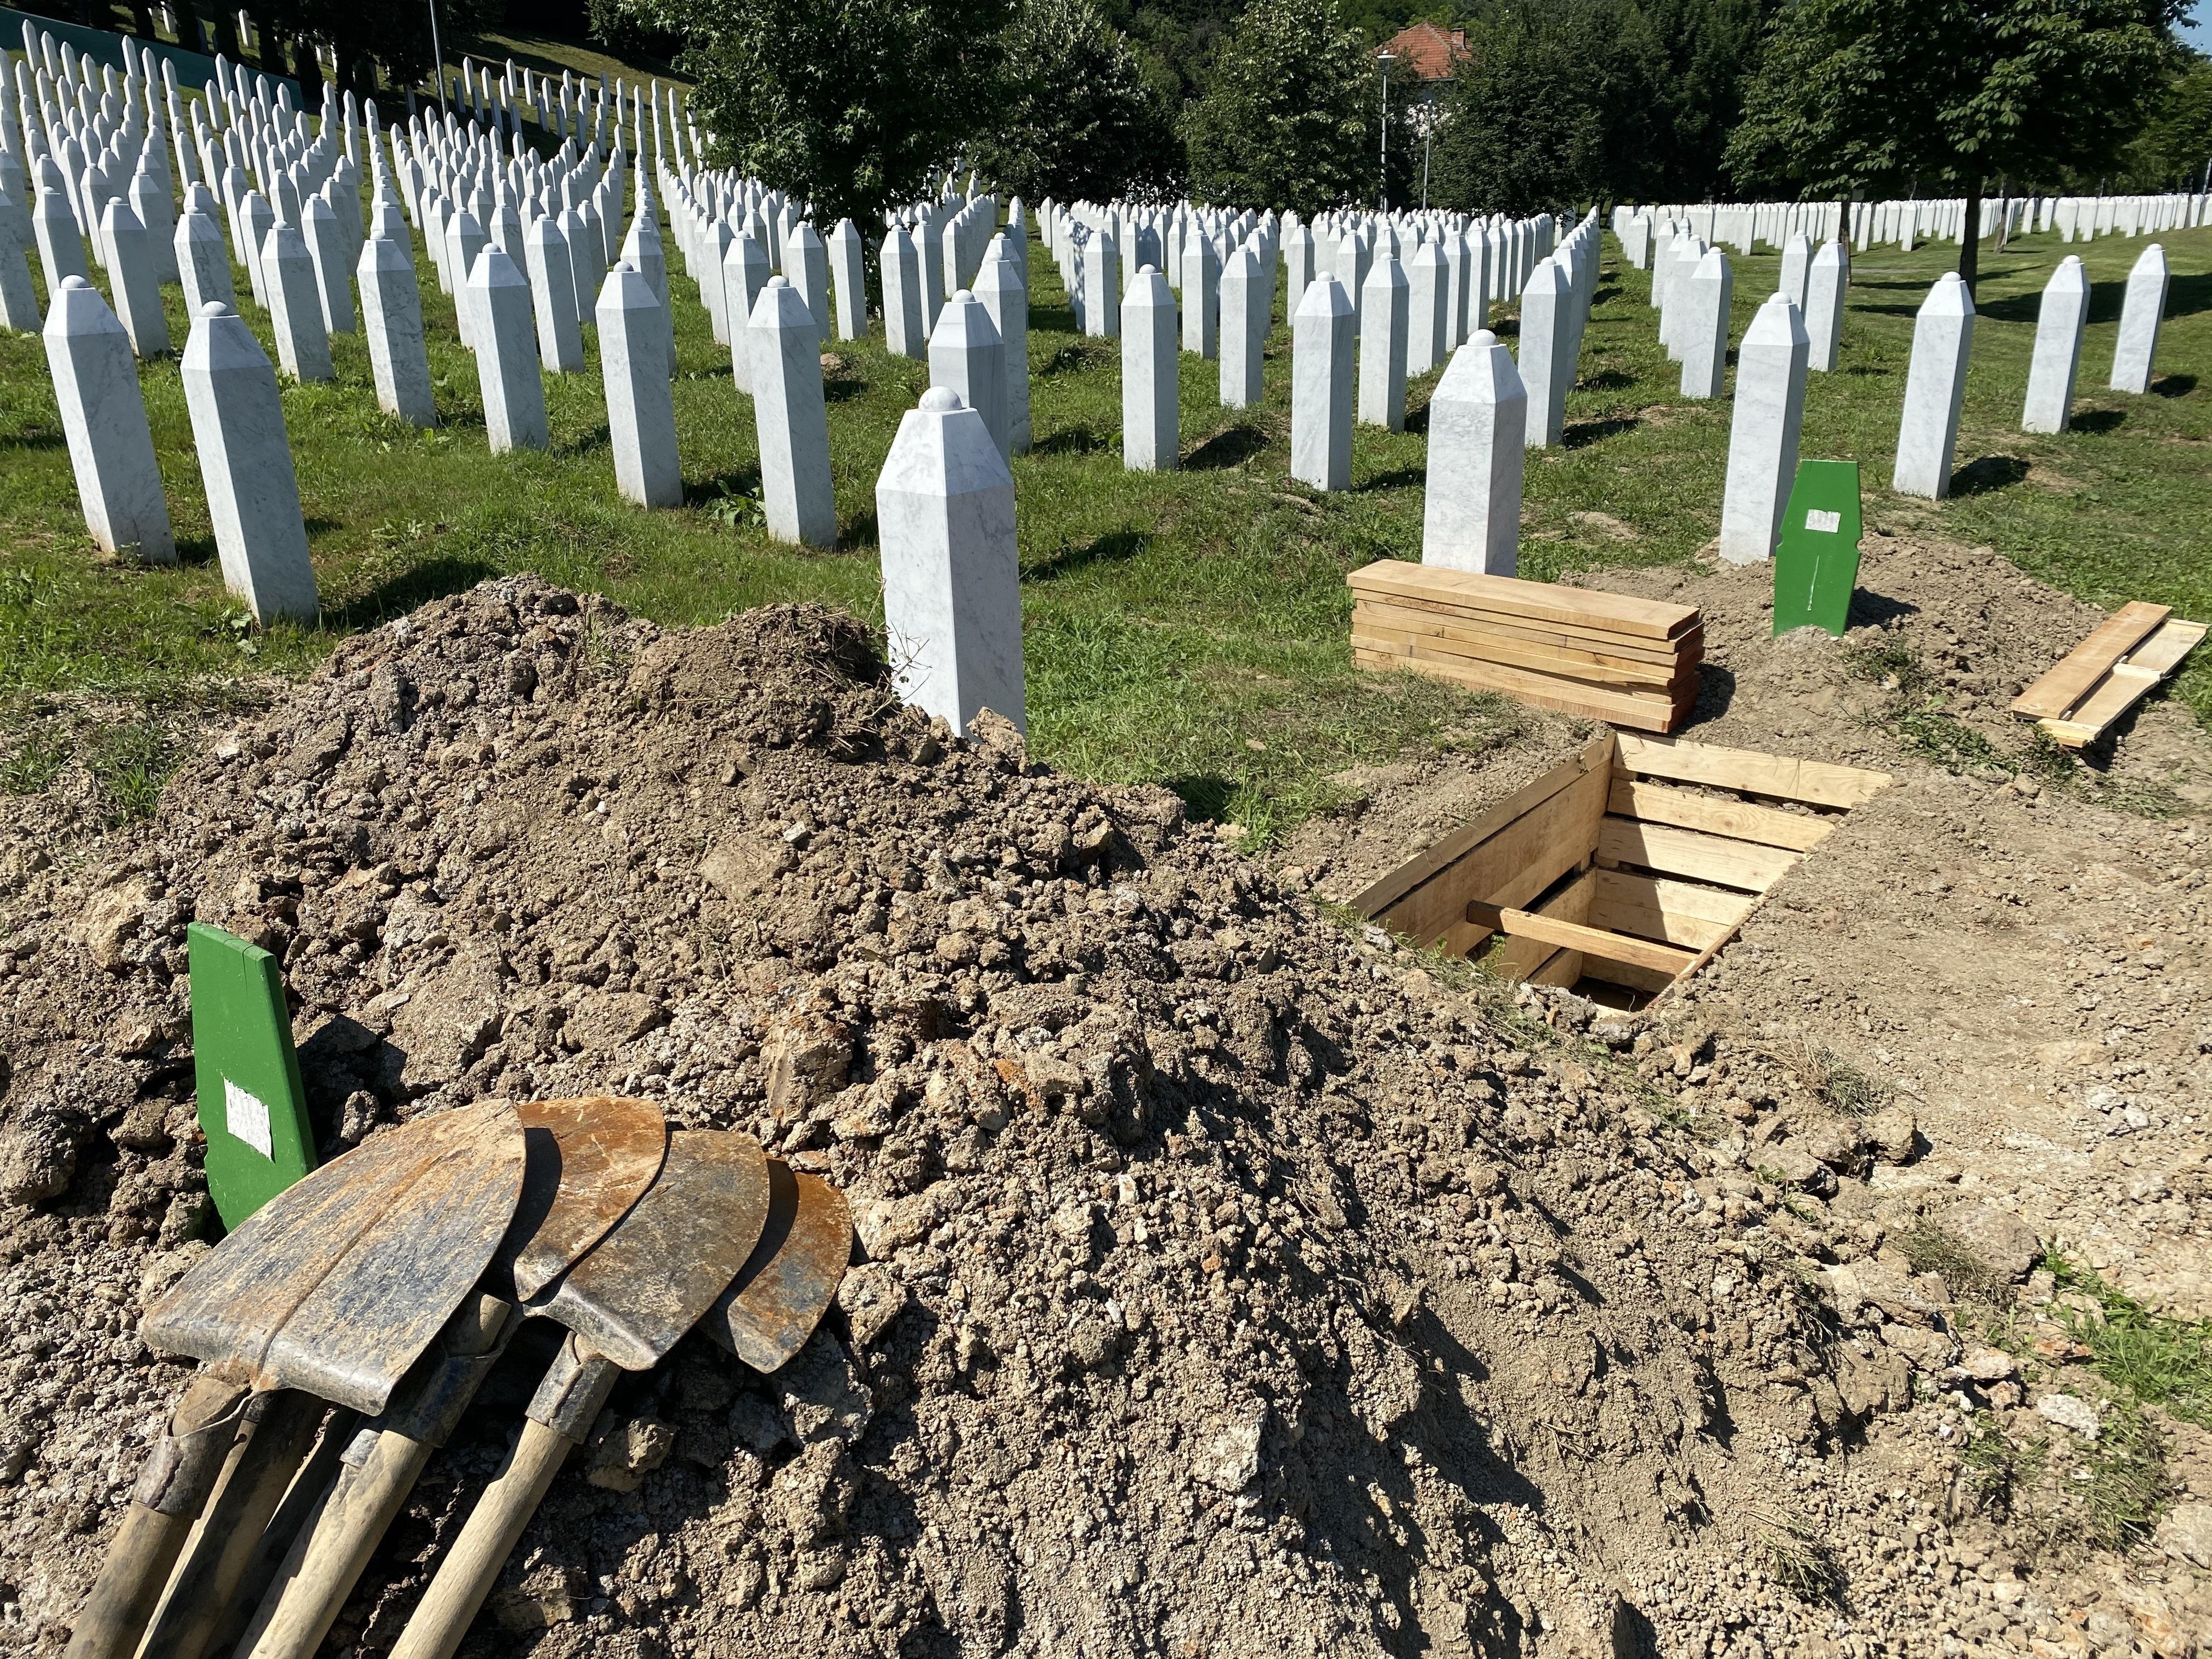 Angehörige gedenken 25 Jahre nach Massaker von Srebrenica den Opfern - Politik